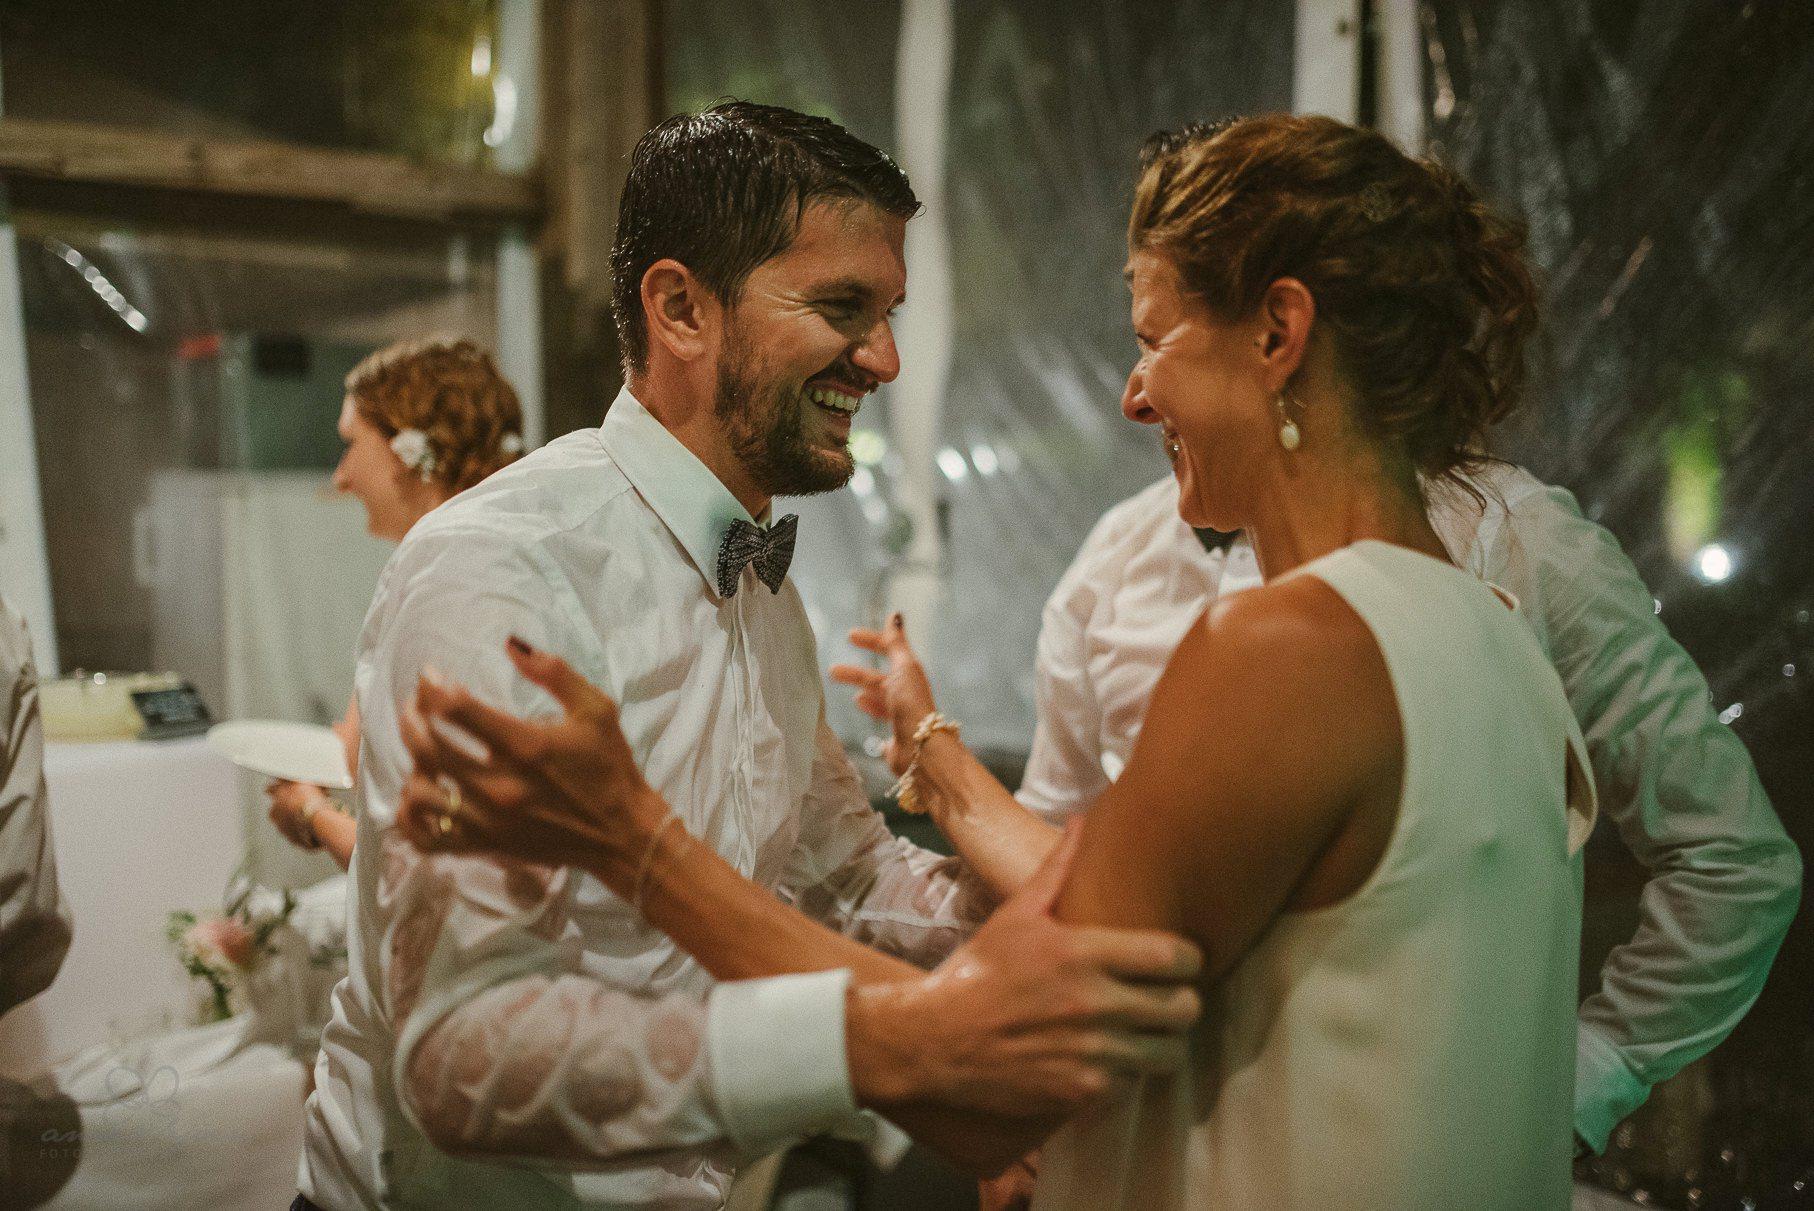 0138 anne und bjoern hochzeit schweiz d75 2400 - DIY Hochzeit in der Schweiz - Sabrina & Christoph